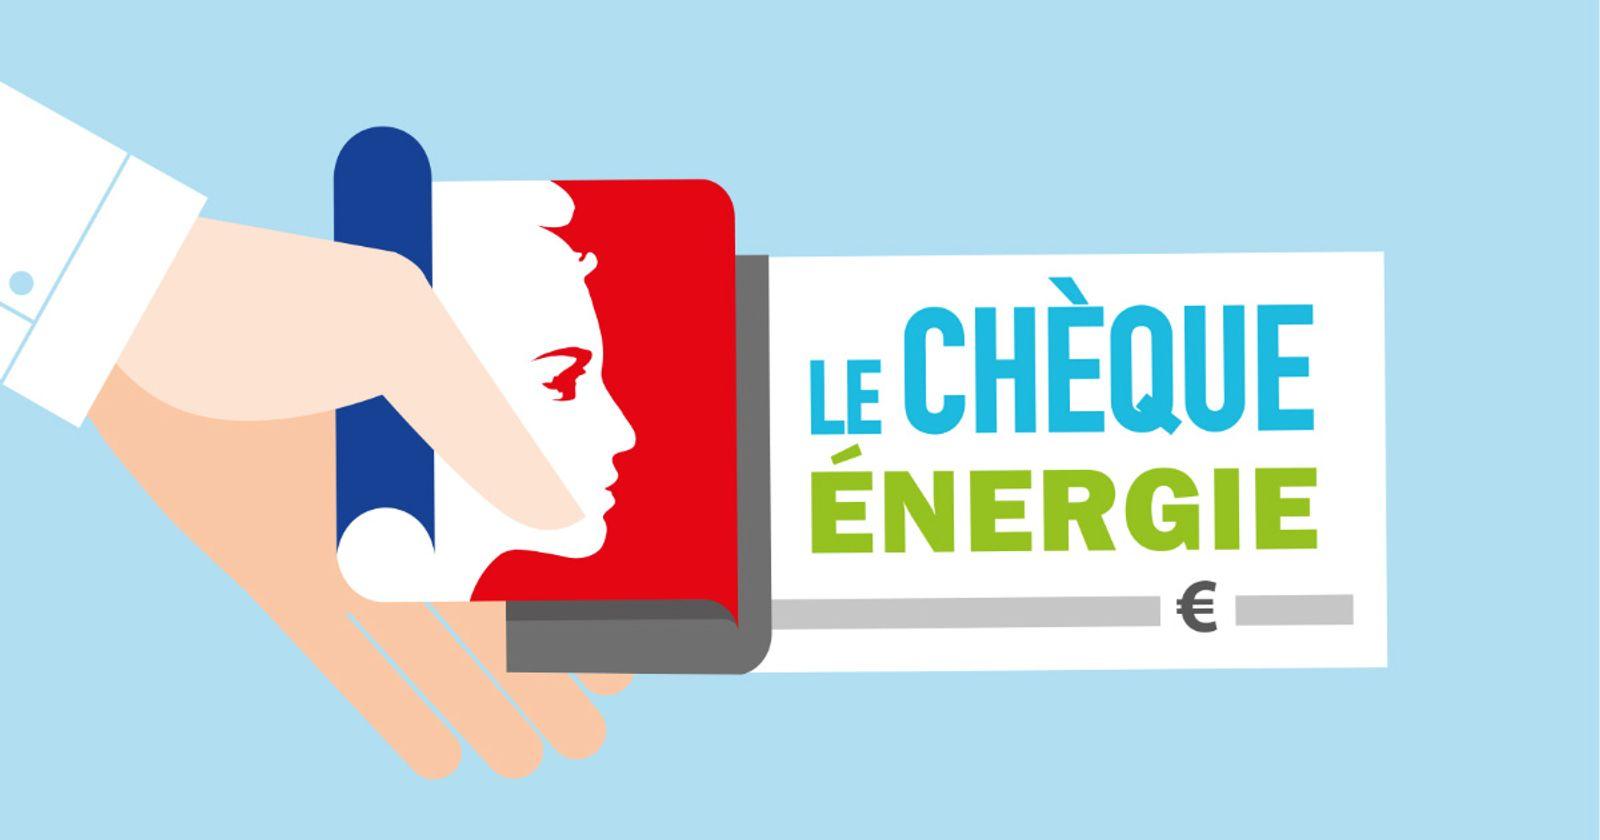 Le chèque énergie : bilan et retours d'expériences